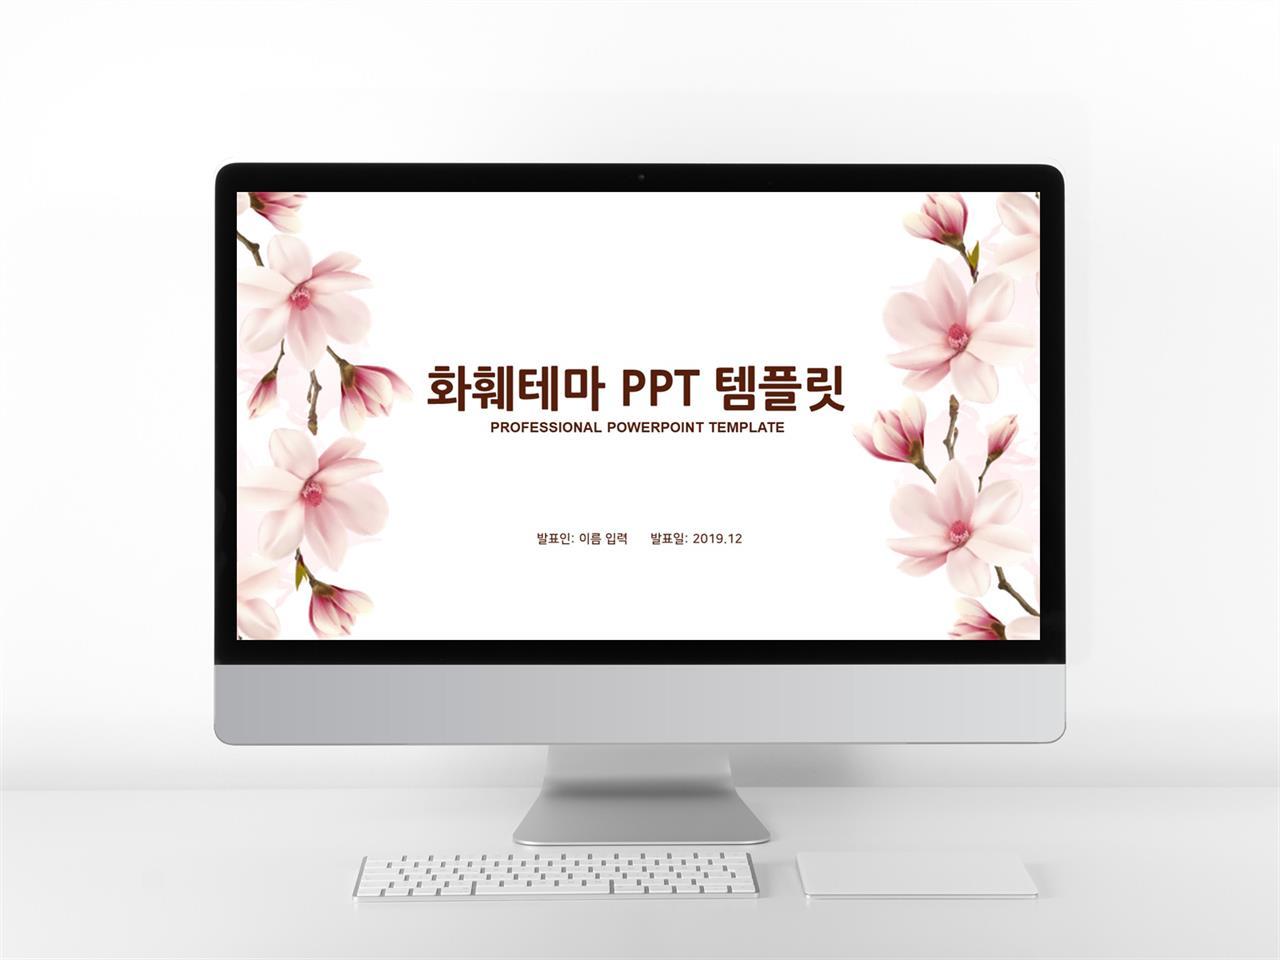 동식물, 애완동물 분홍색 귀여운 매력적인 PPT서식 제작 미리보기